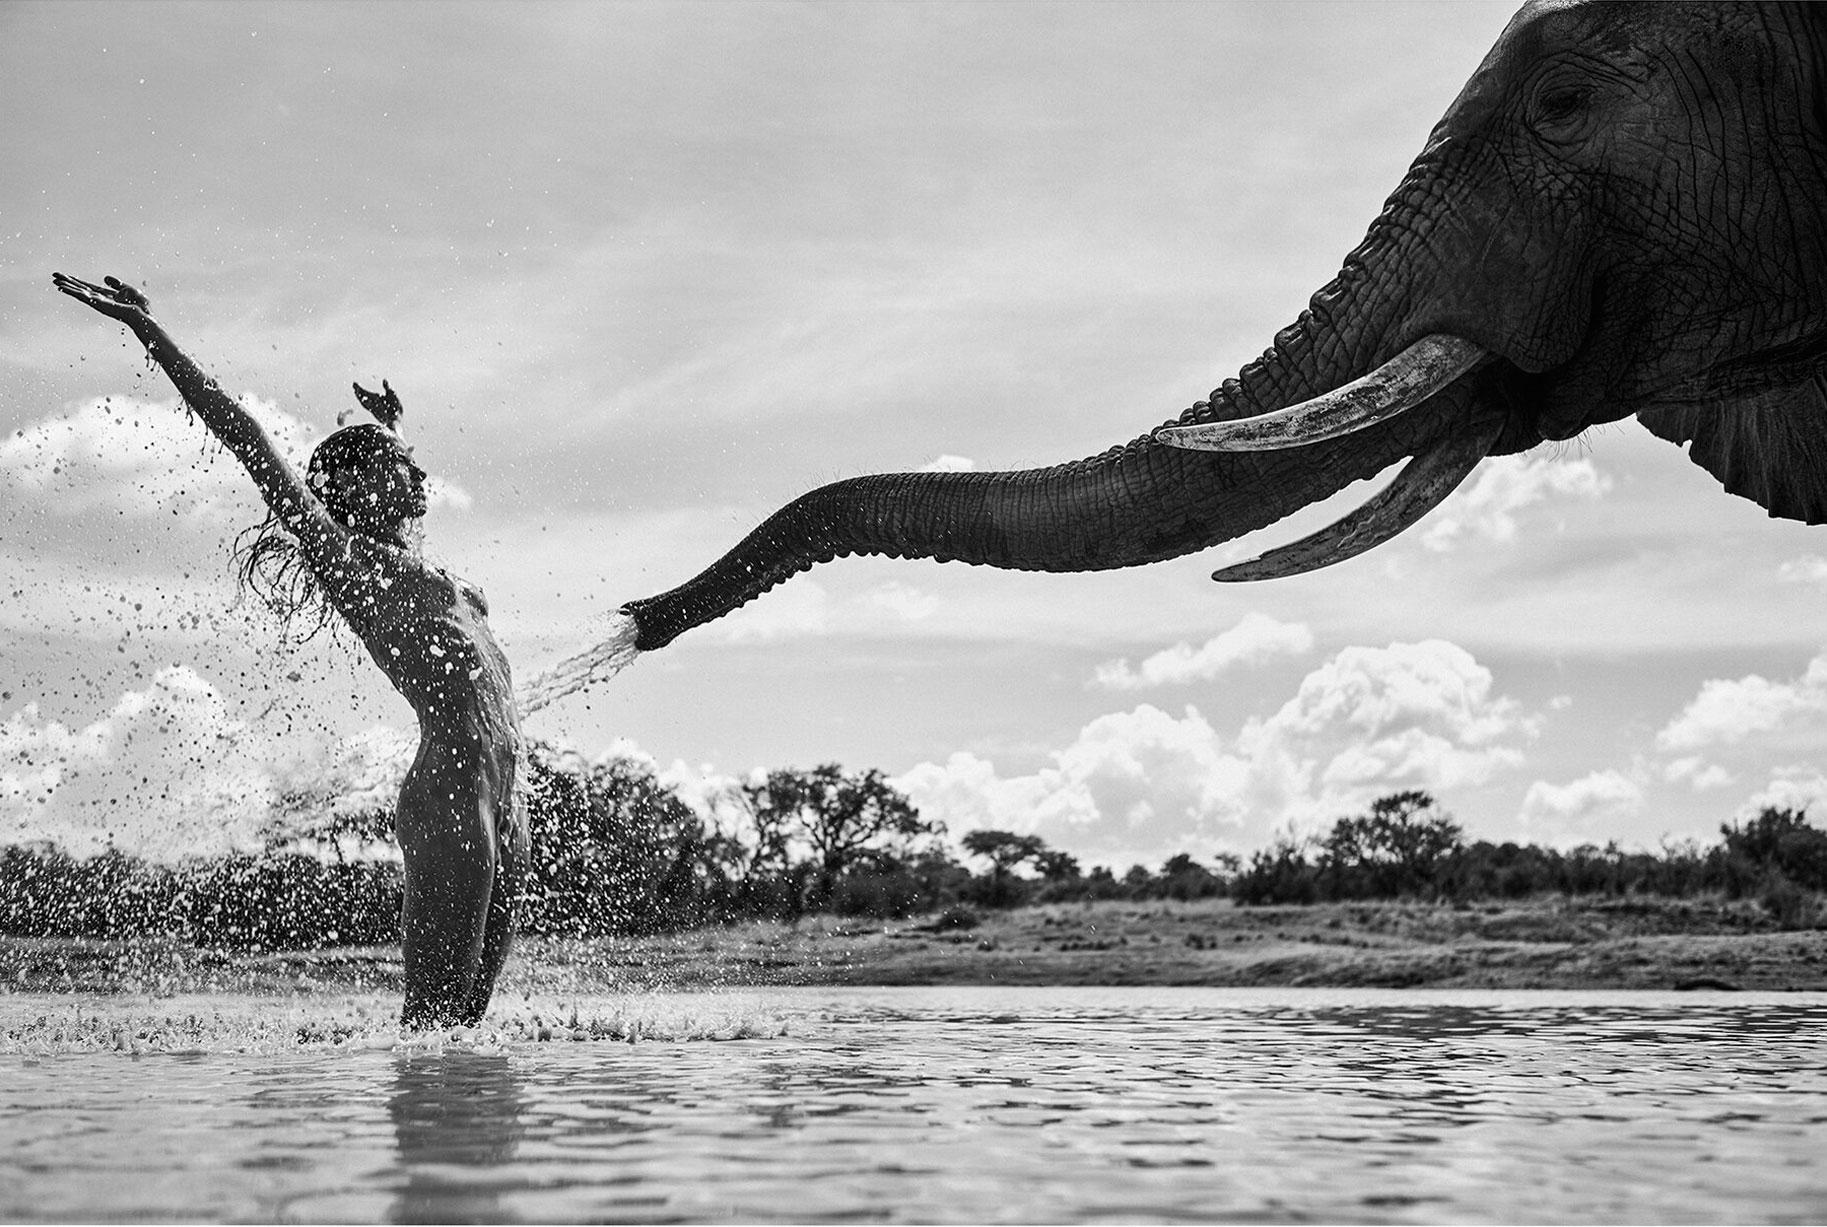 эротический календарь 12 чудес природы / Африка 2019 / фото 01